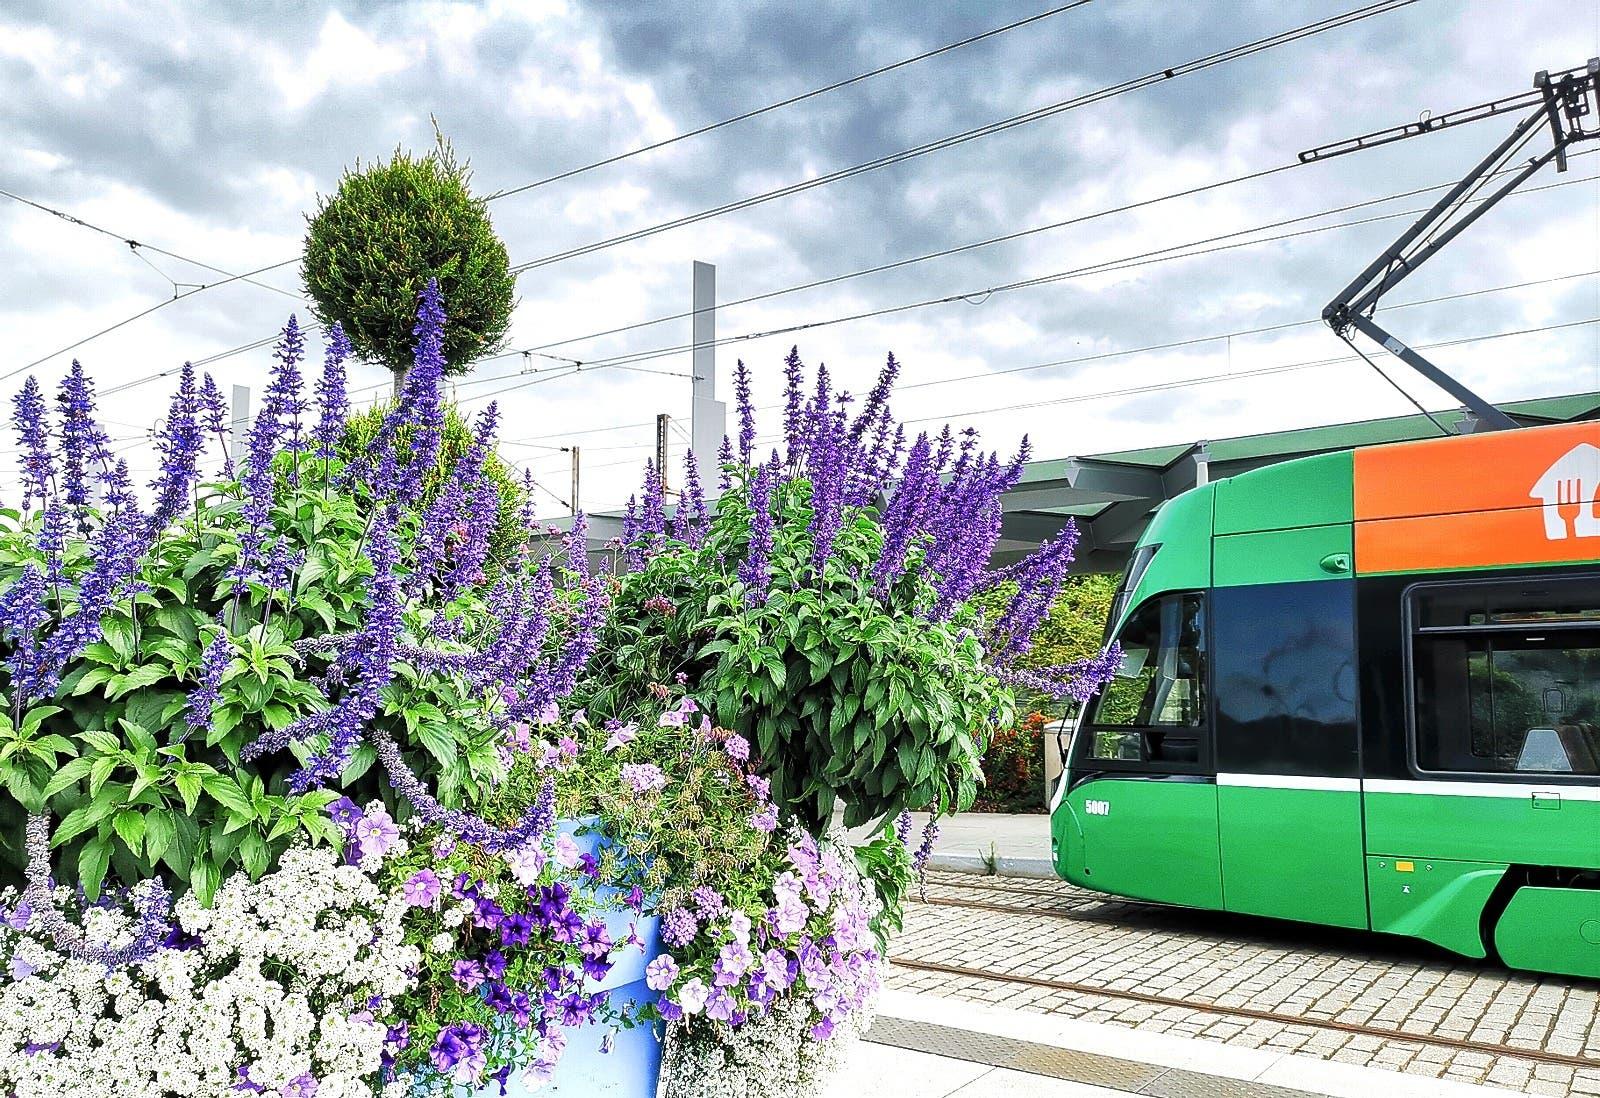 Basler Trämli Passagiere werden am Bahnhof St. Louis (F) mit bunten Blumen begrüsst...